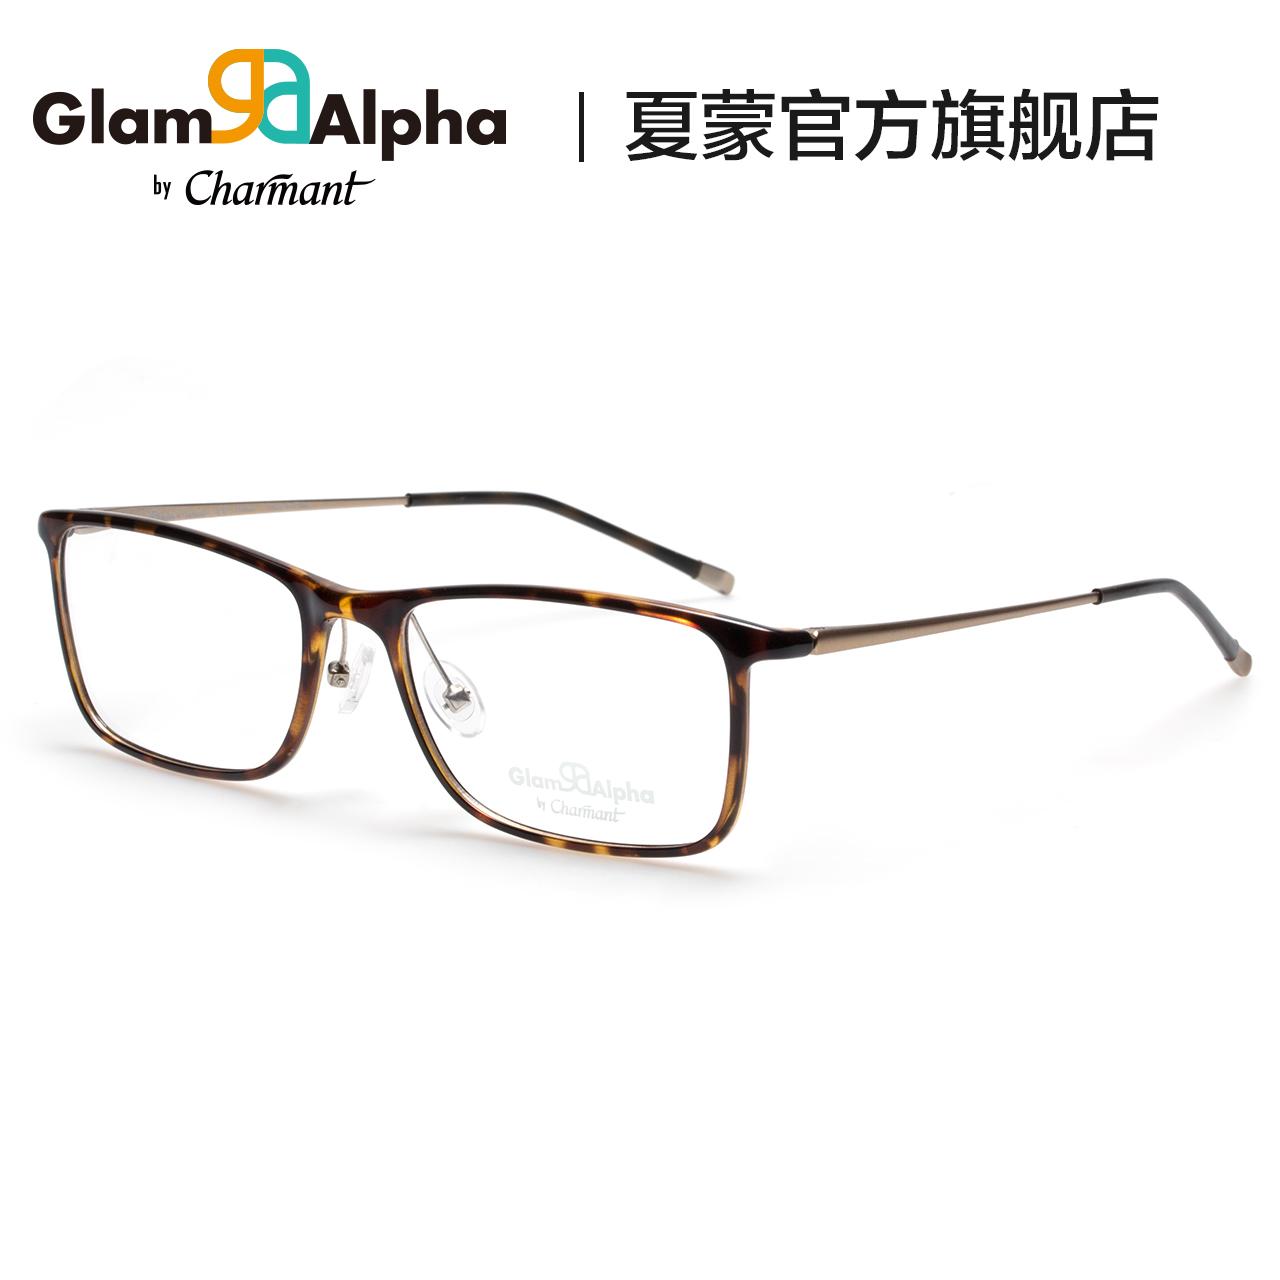 CHARMANT夏蒙眼镜架男士全框树脂小脸大框眼镜镜框近视镜GA38008